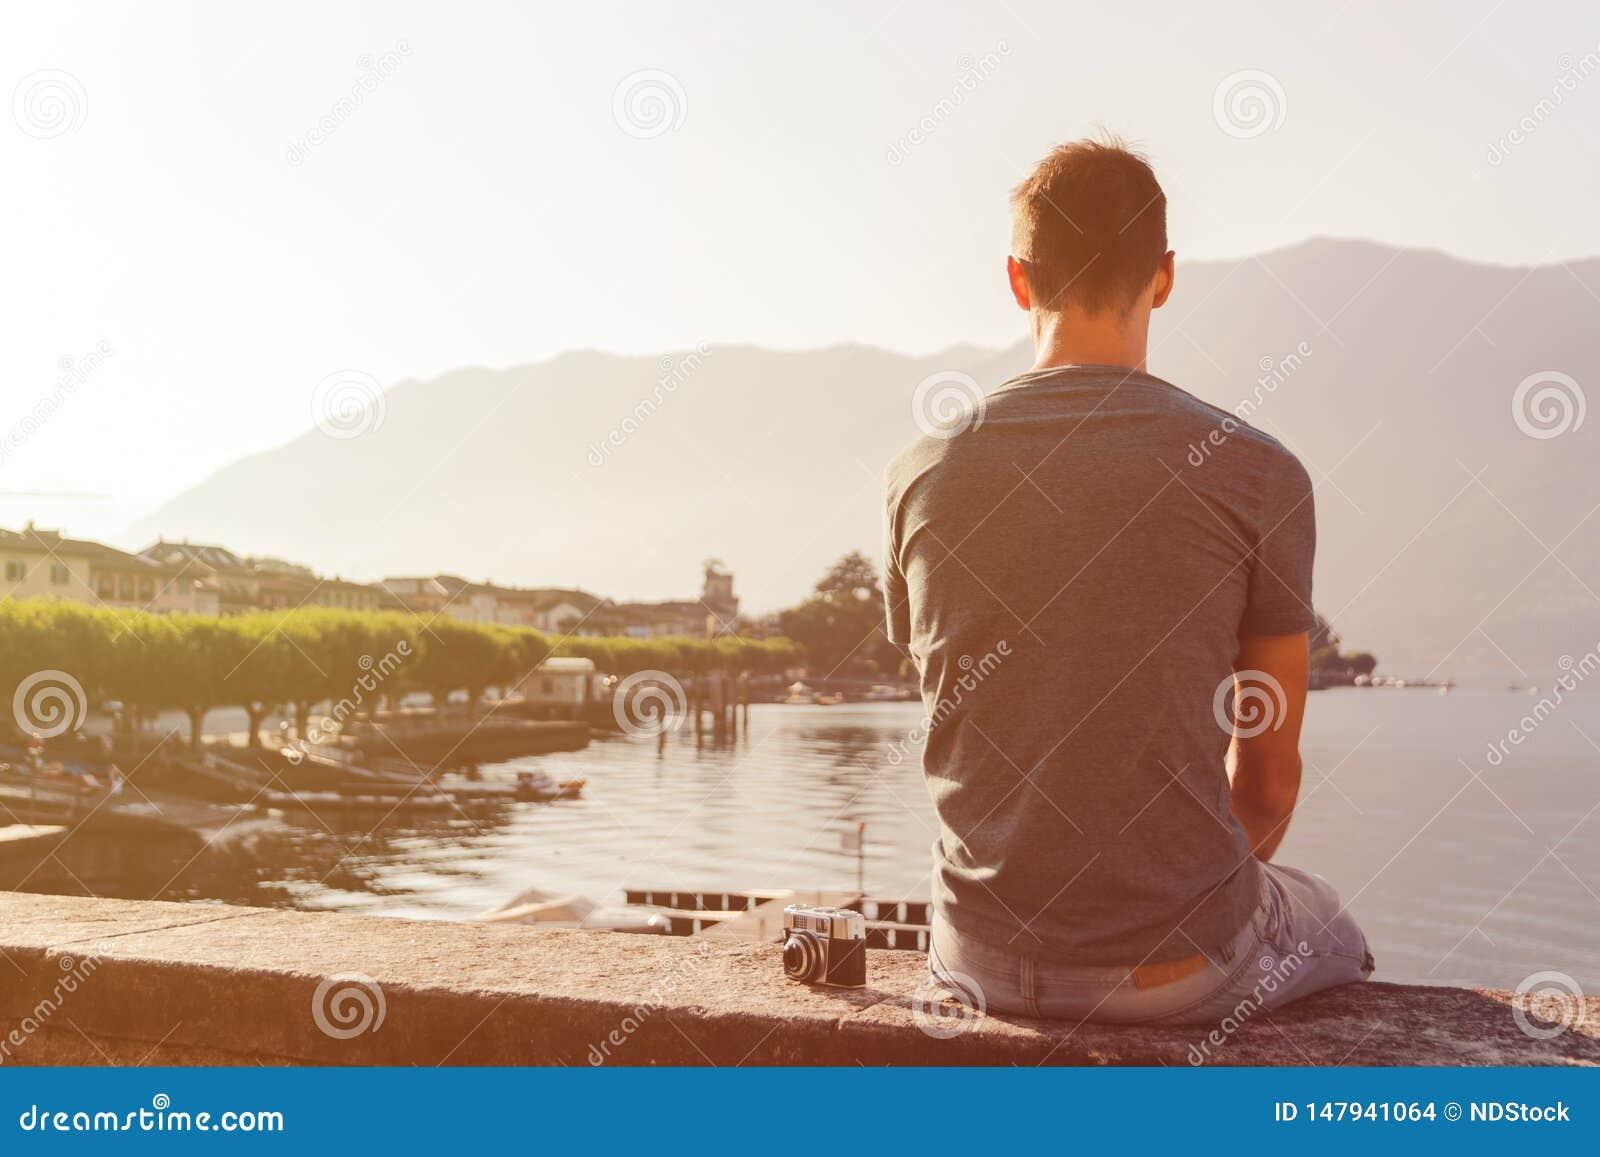 在有葡萄酒照相机的墙壁上安装的年轻人在湖散步前面在阿斯科纳